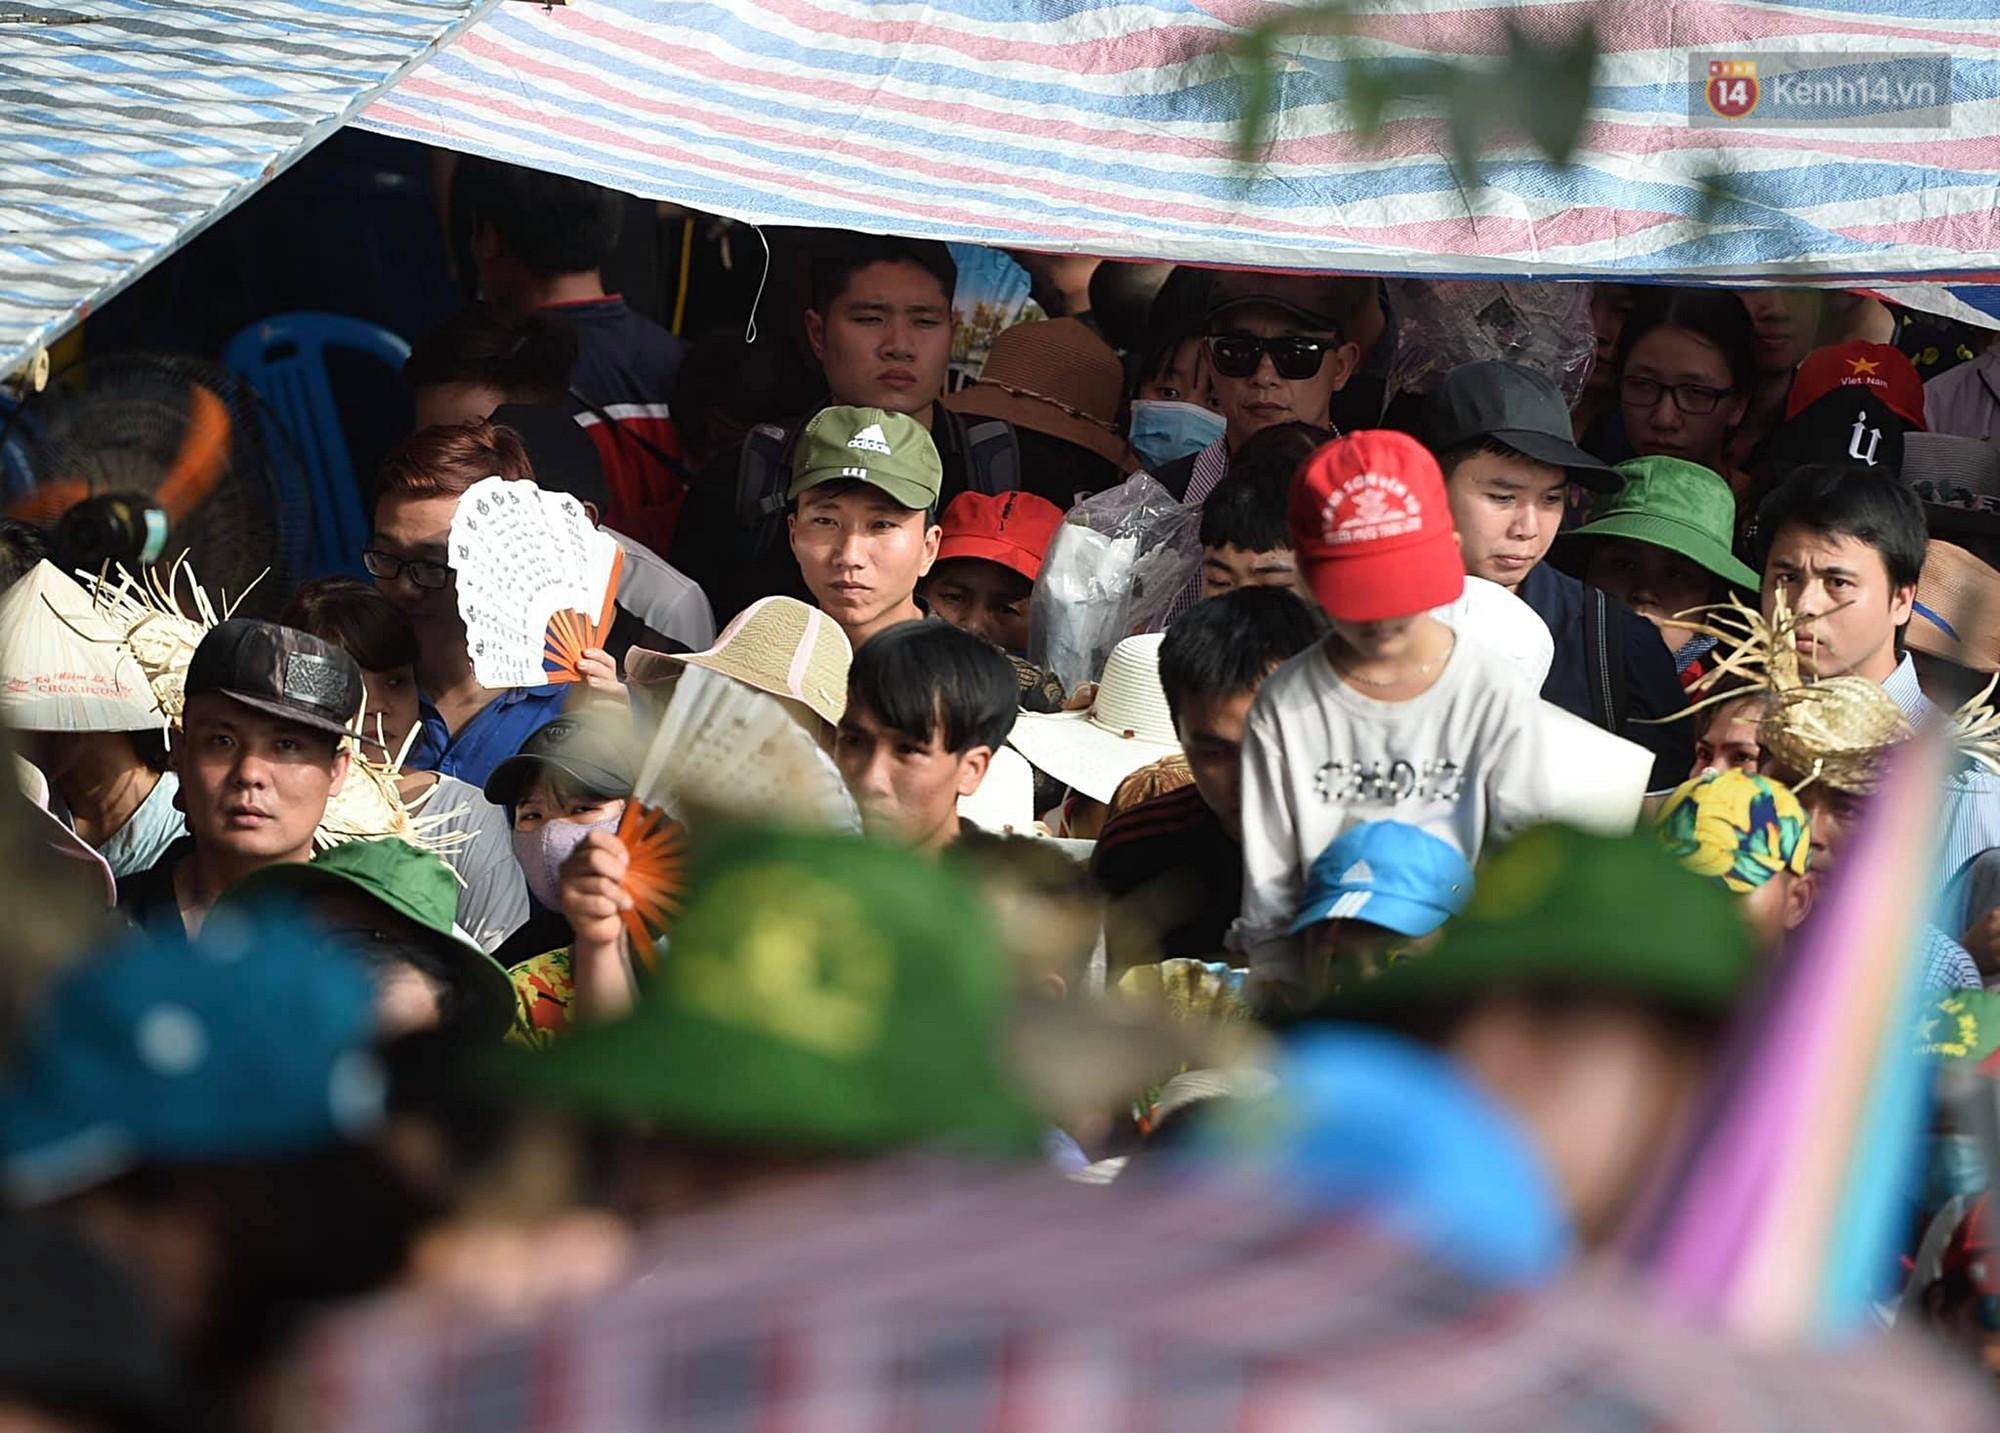 Gần 5 vạn người đổ về chùa Hương trong ngày mồng 5 Tết, 1 ngày trước khi khai hội - Ảnh 4.